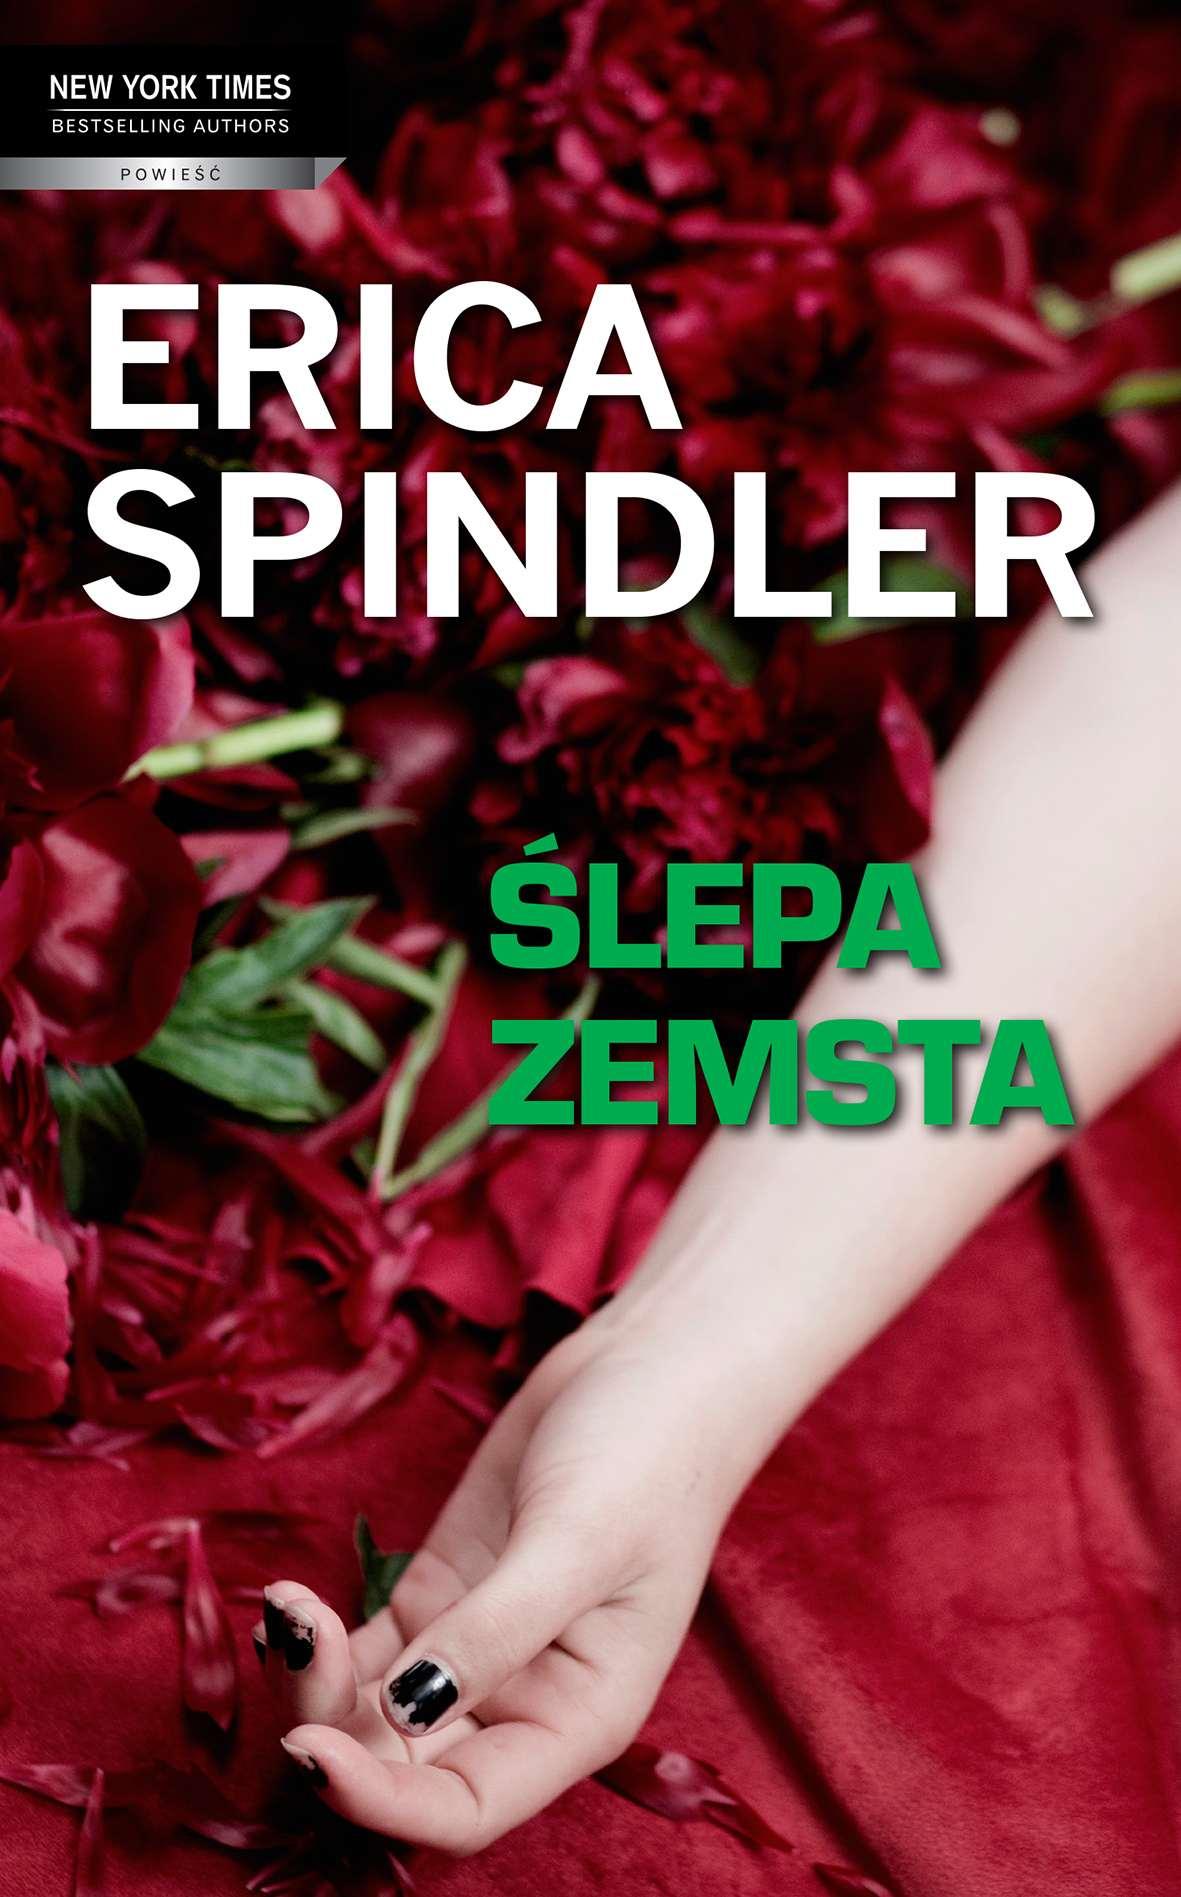 Ślepa zemsta - Tylko w Legimi możesz przeczytać ten tytuł przez 7 dni za darmo. - Erica Spindler